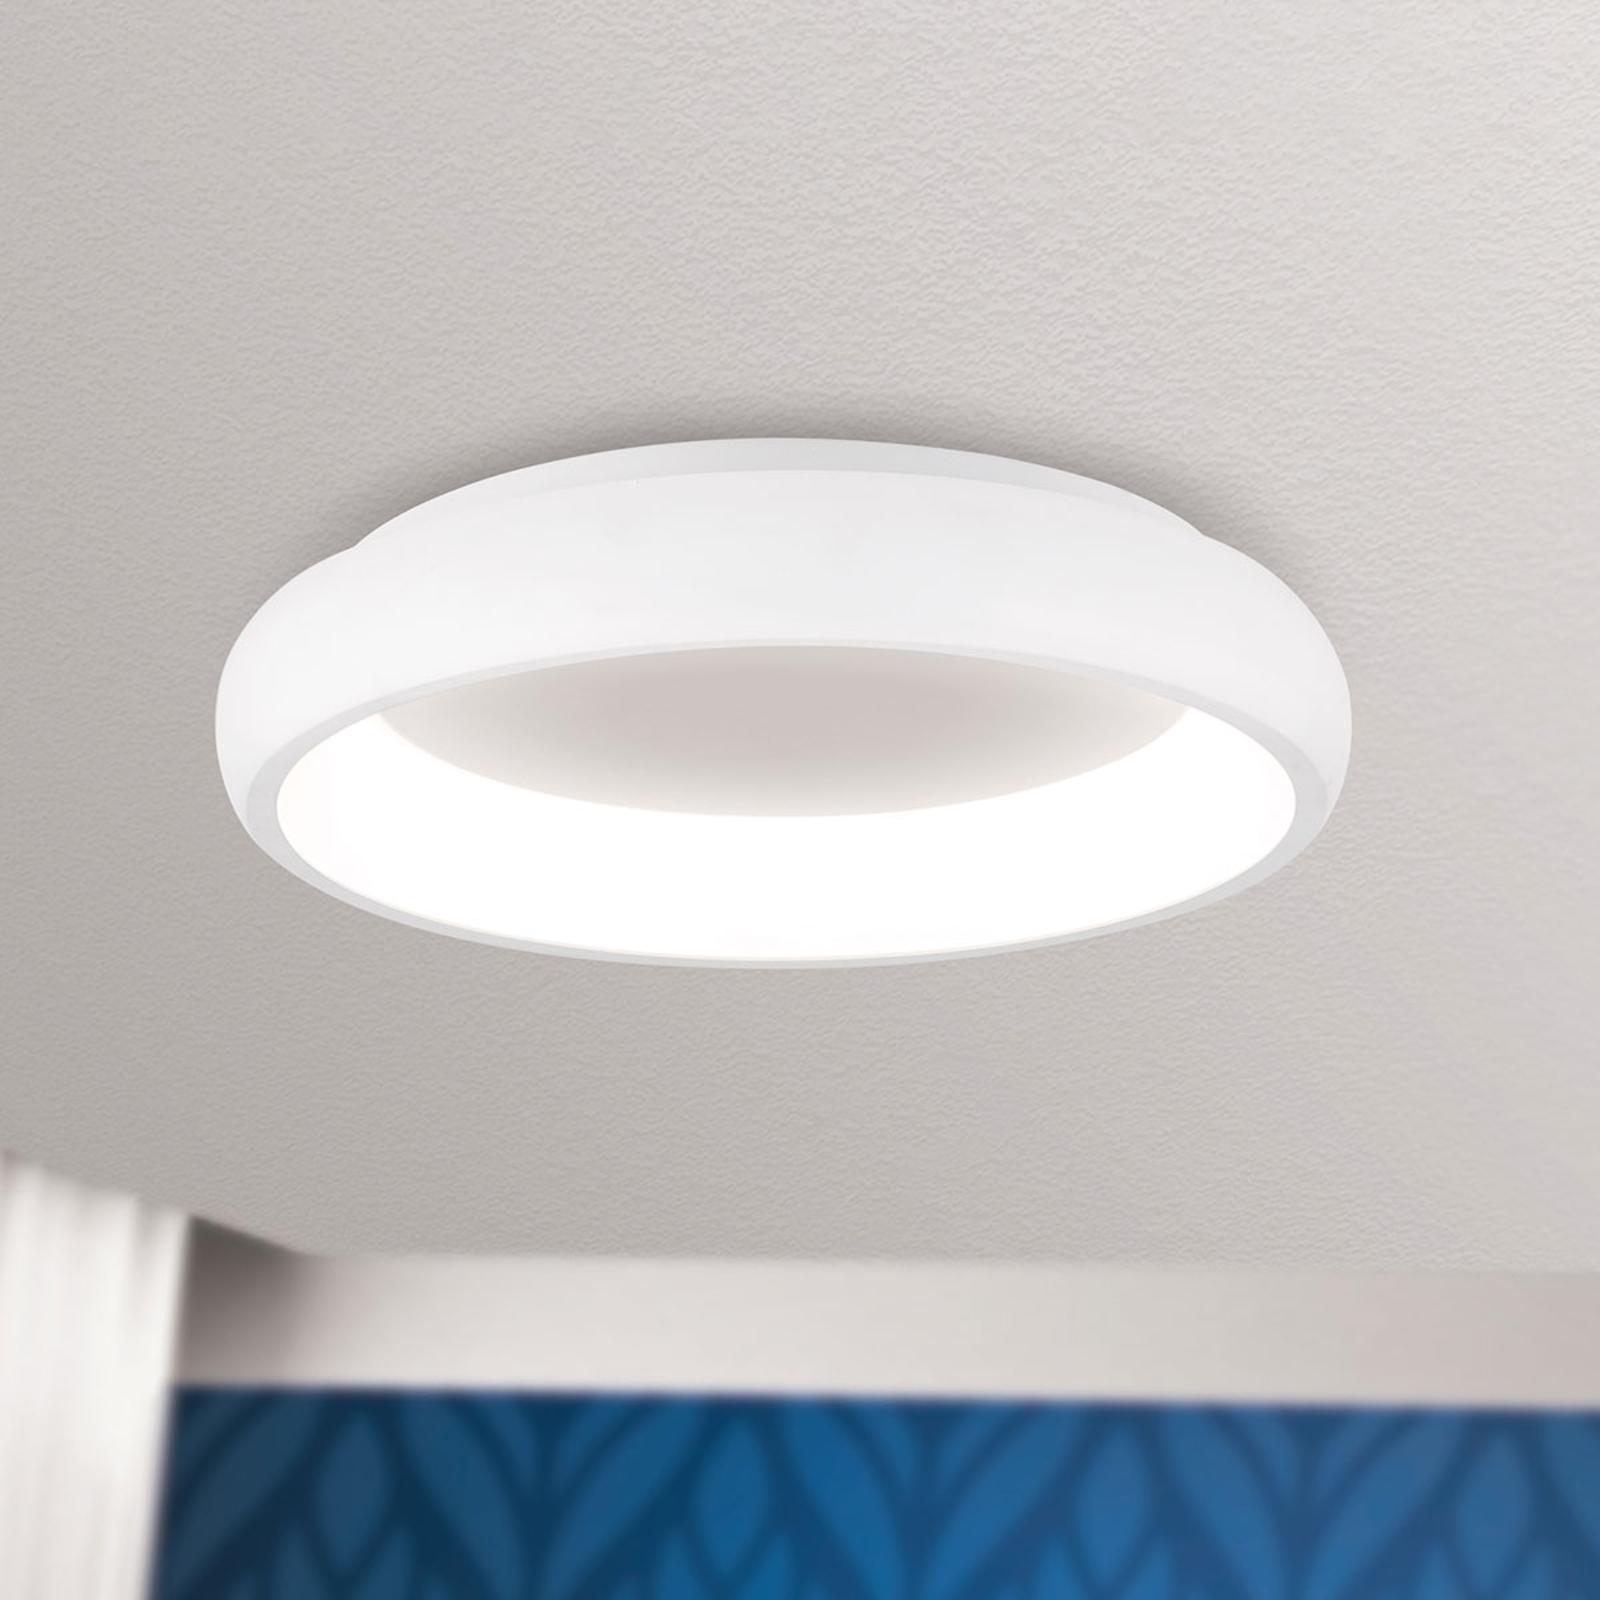 LED-Deckenlampe Venur m. Lichtaustritt innen 41cm